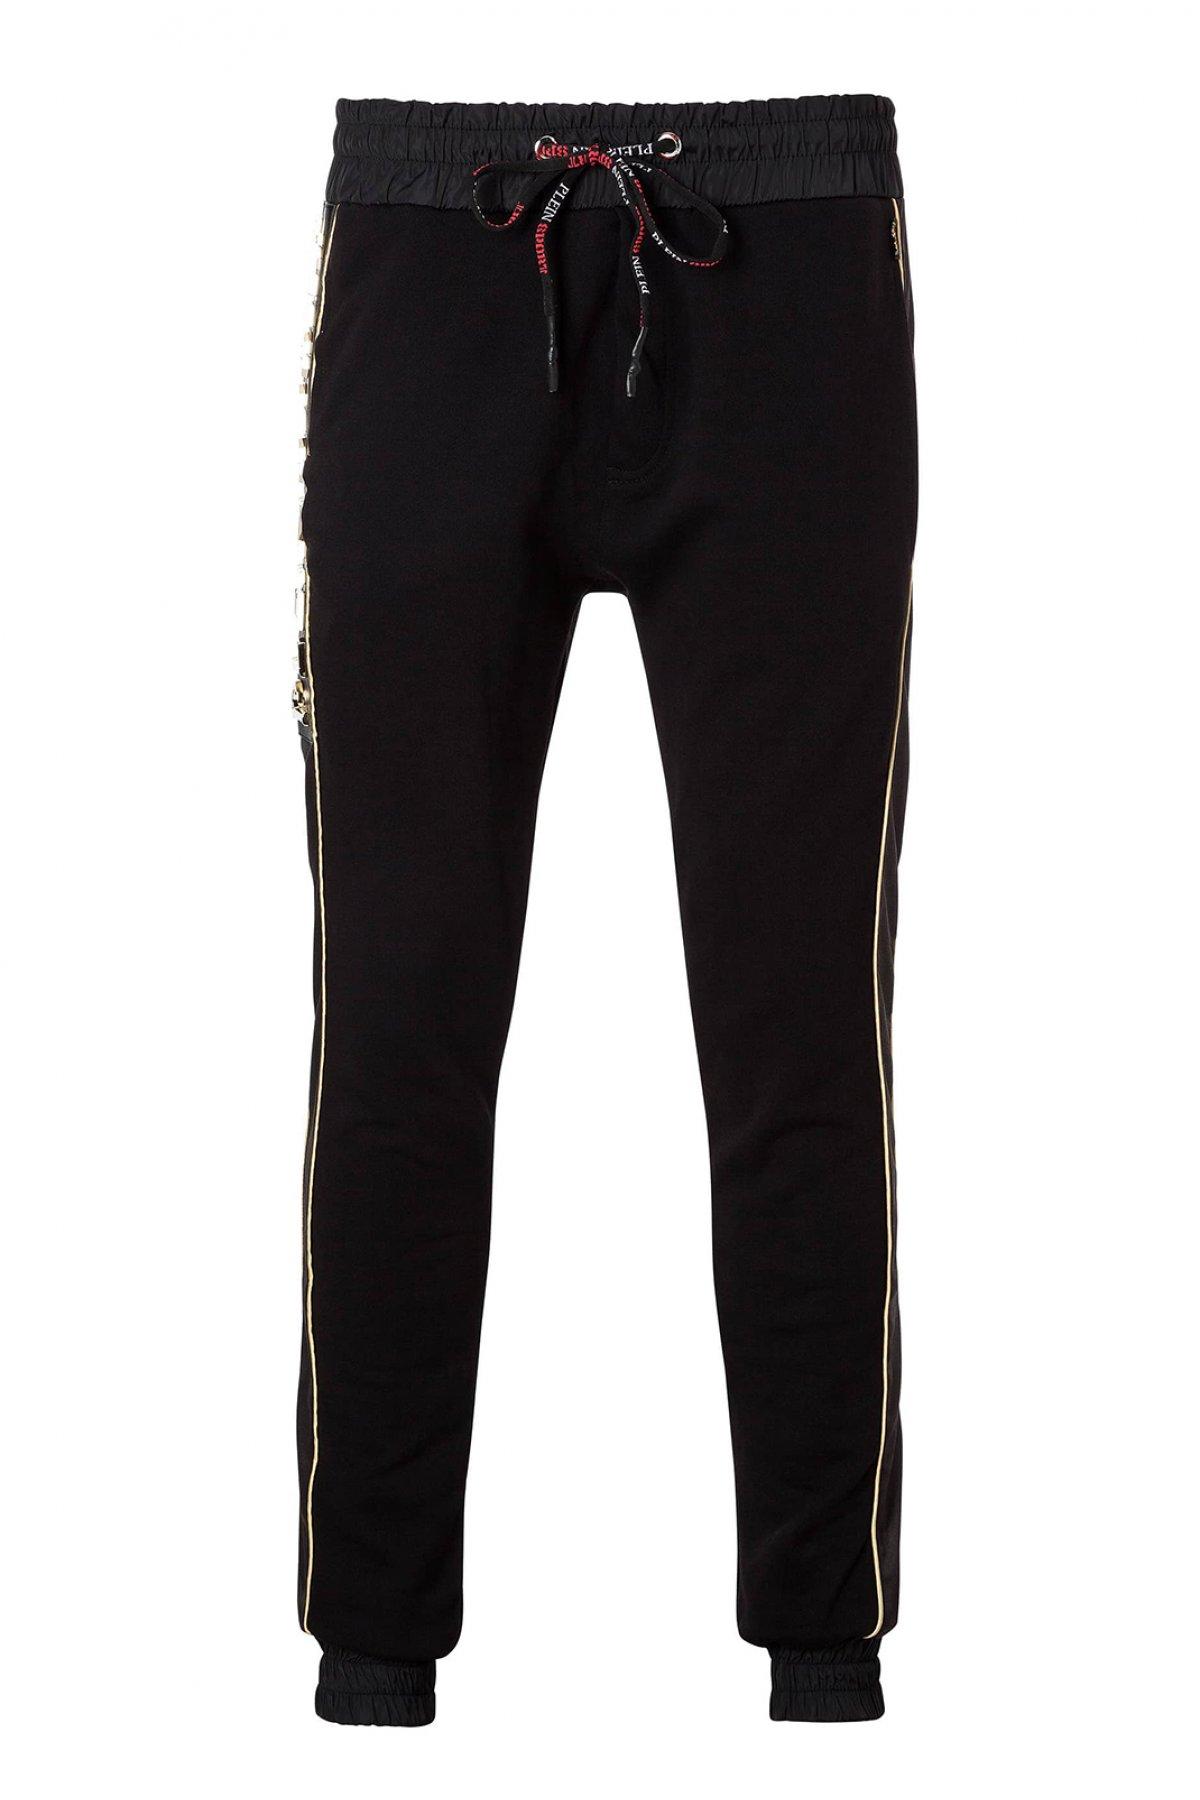 Pantalon sportswear print